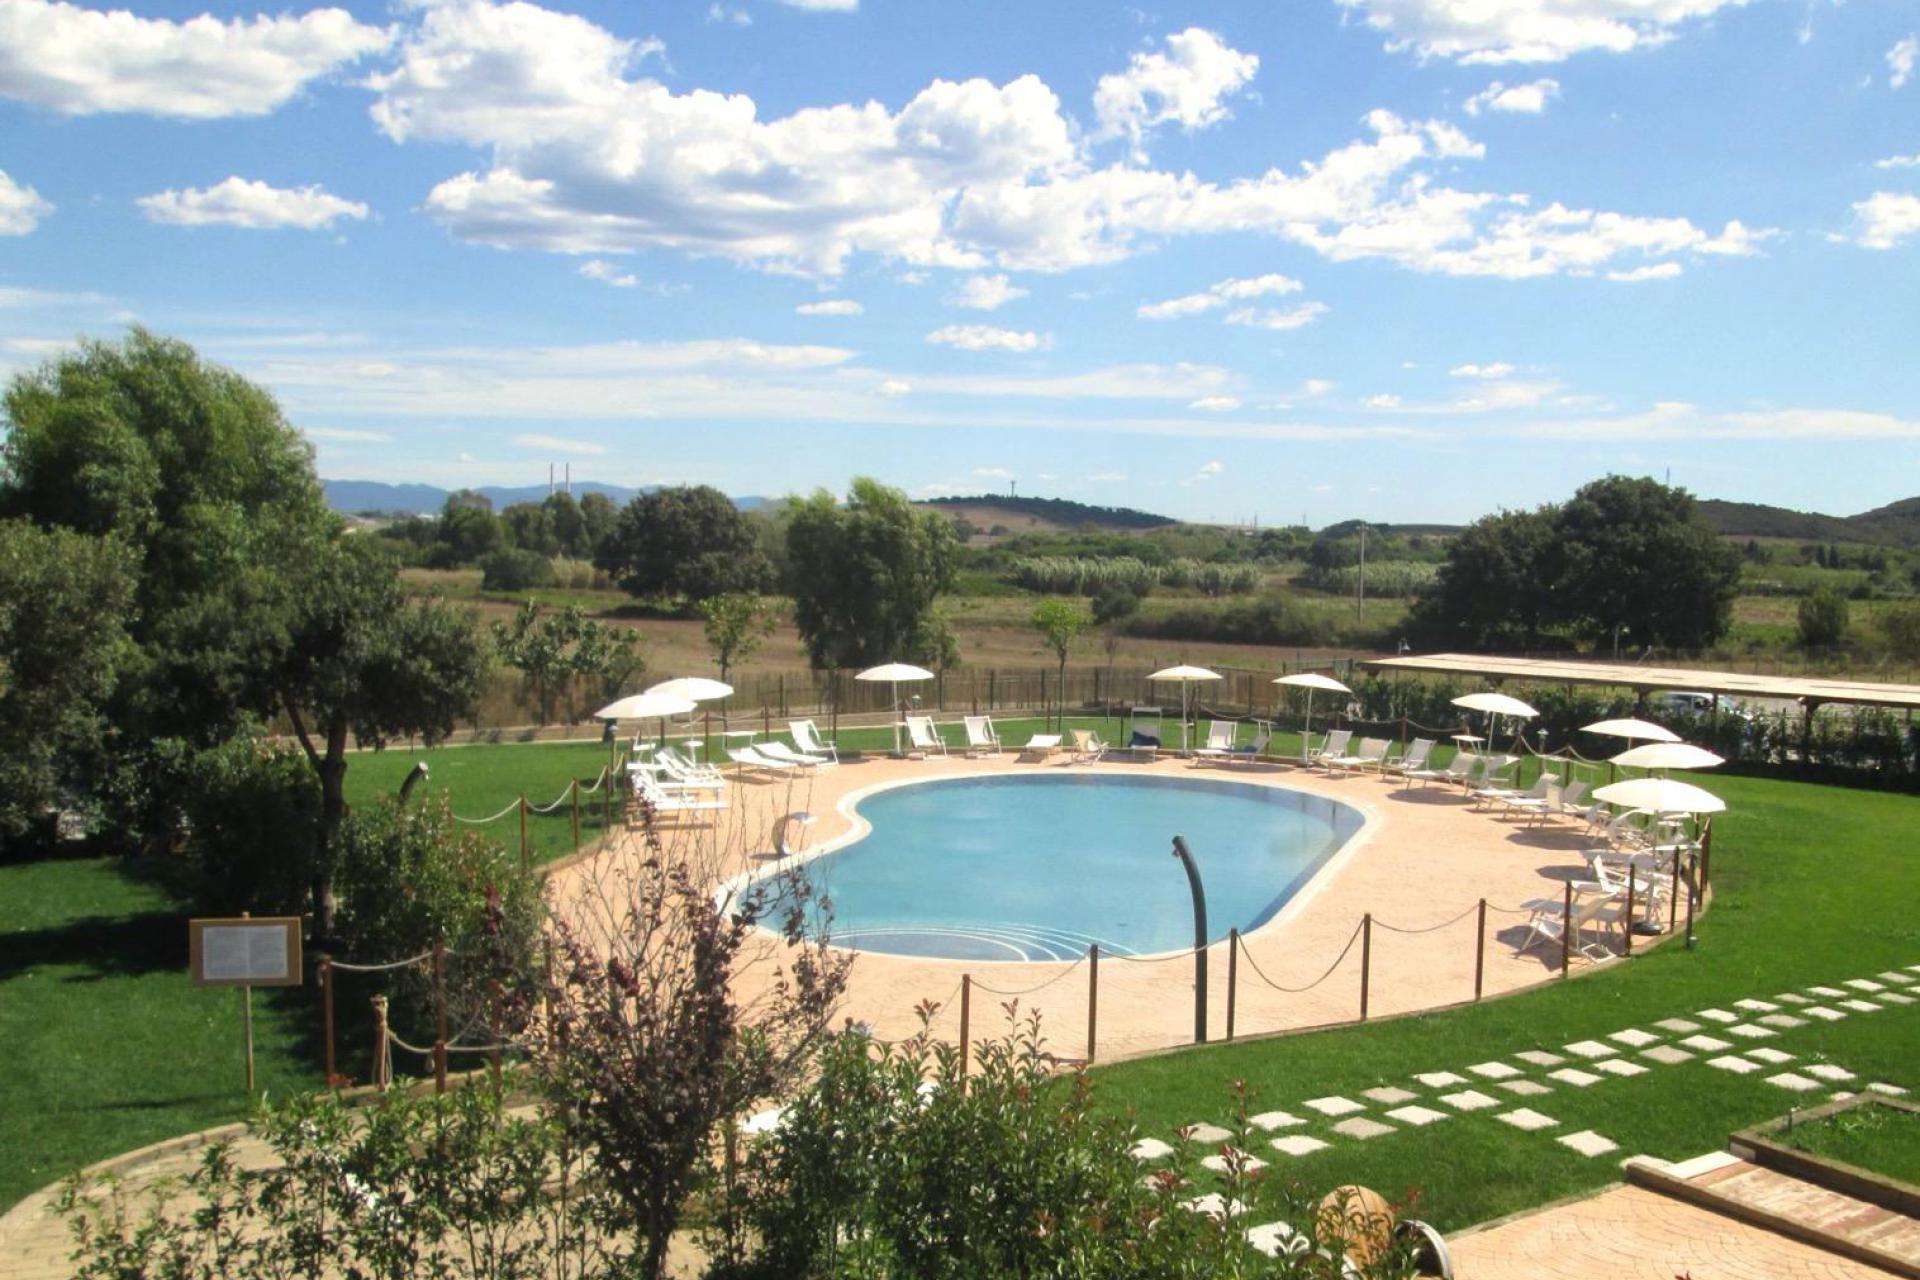 Agriturismo Toscane Agriturismo niet ver van zee in zuid Toscane